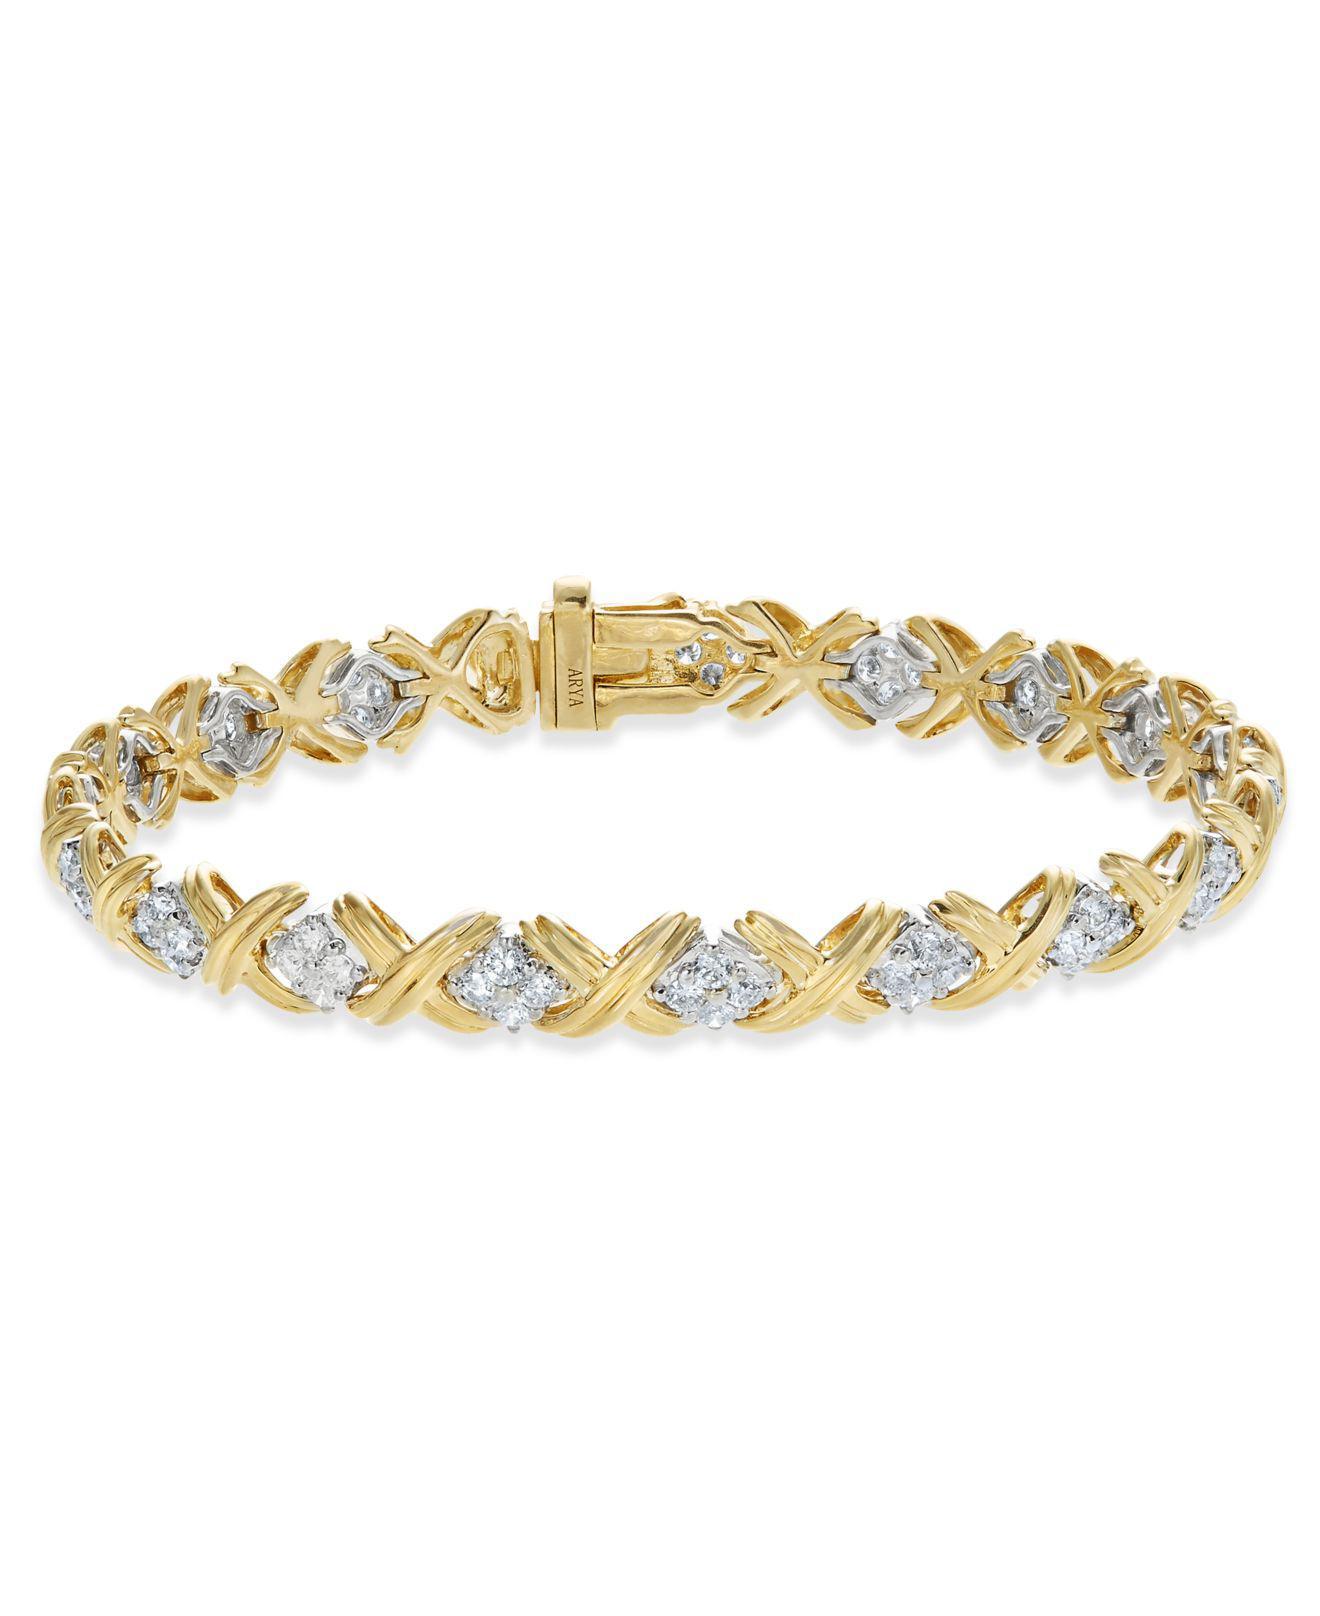 Fine Jewelry 1 CT. T.W. Diamond 10K White Gold X-Link Bracelet oYXyT